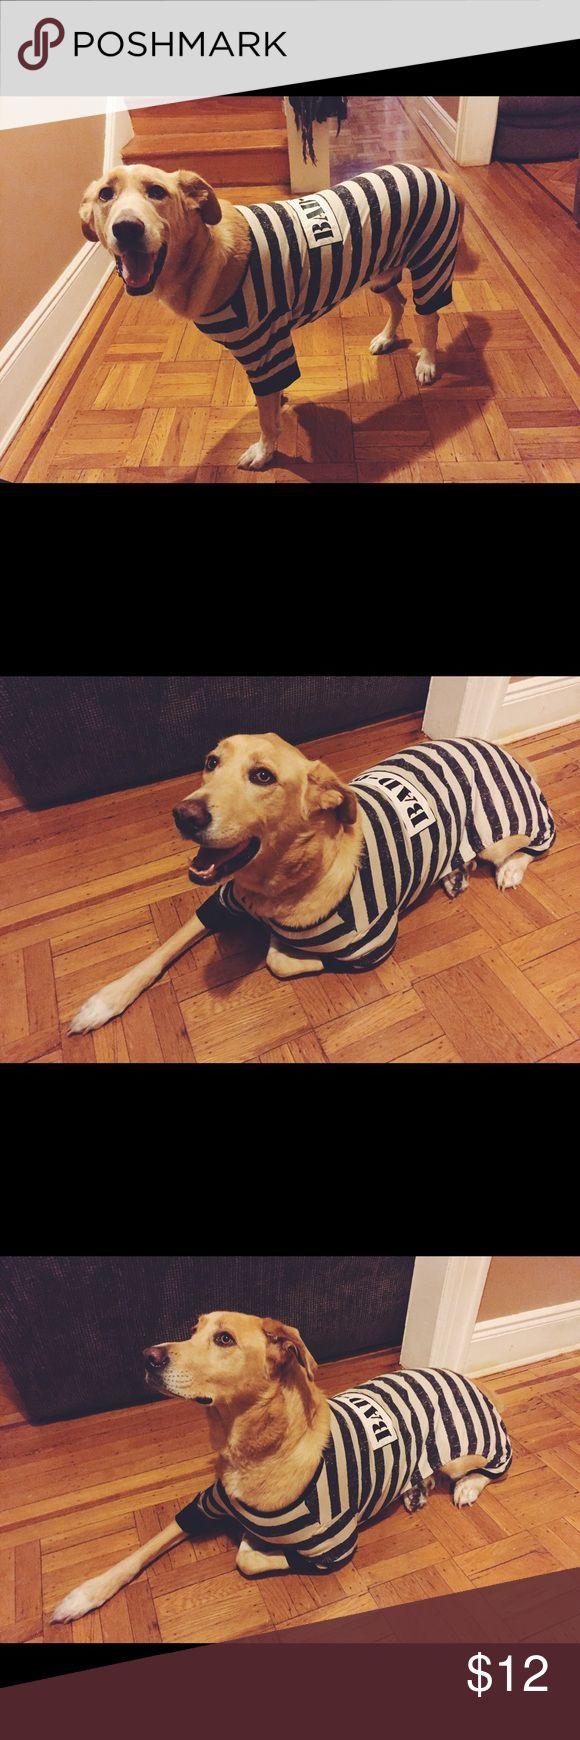 bad dog jail large dog costume